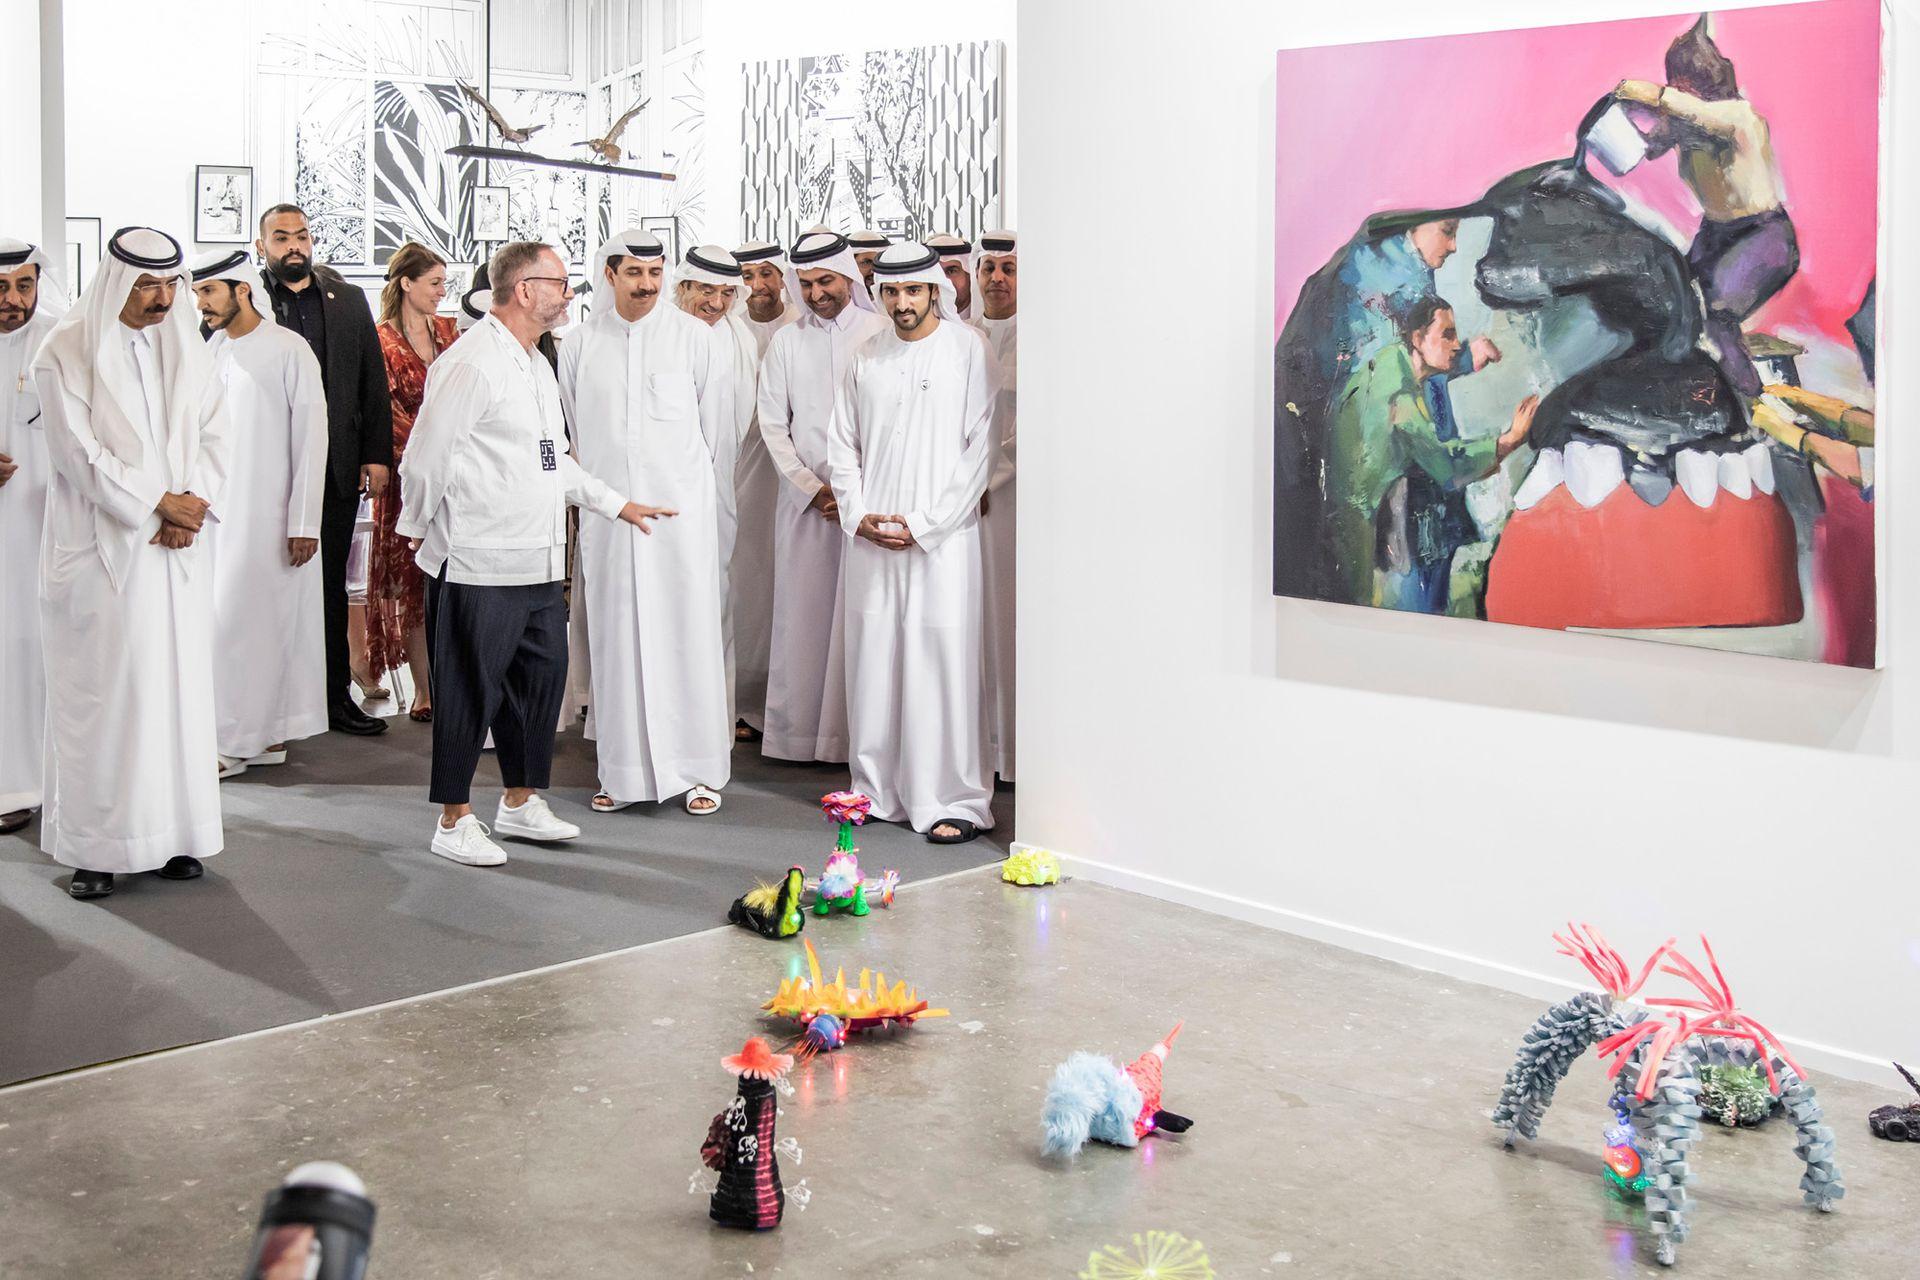 El príncipe Hamdan bin Mohammed Al Maktoum recorre Art Dubai, antes de la apertura